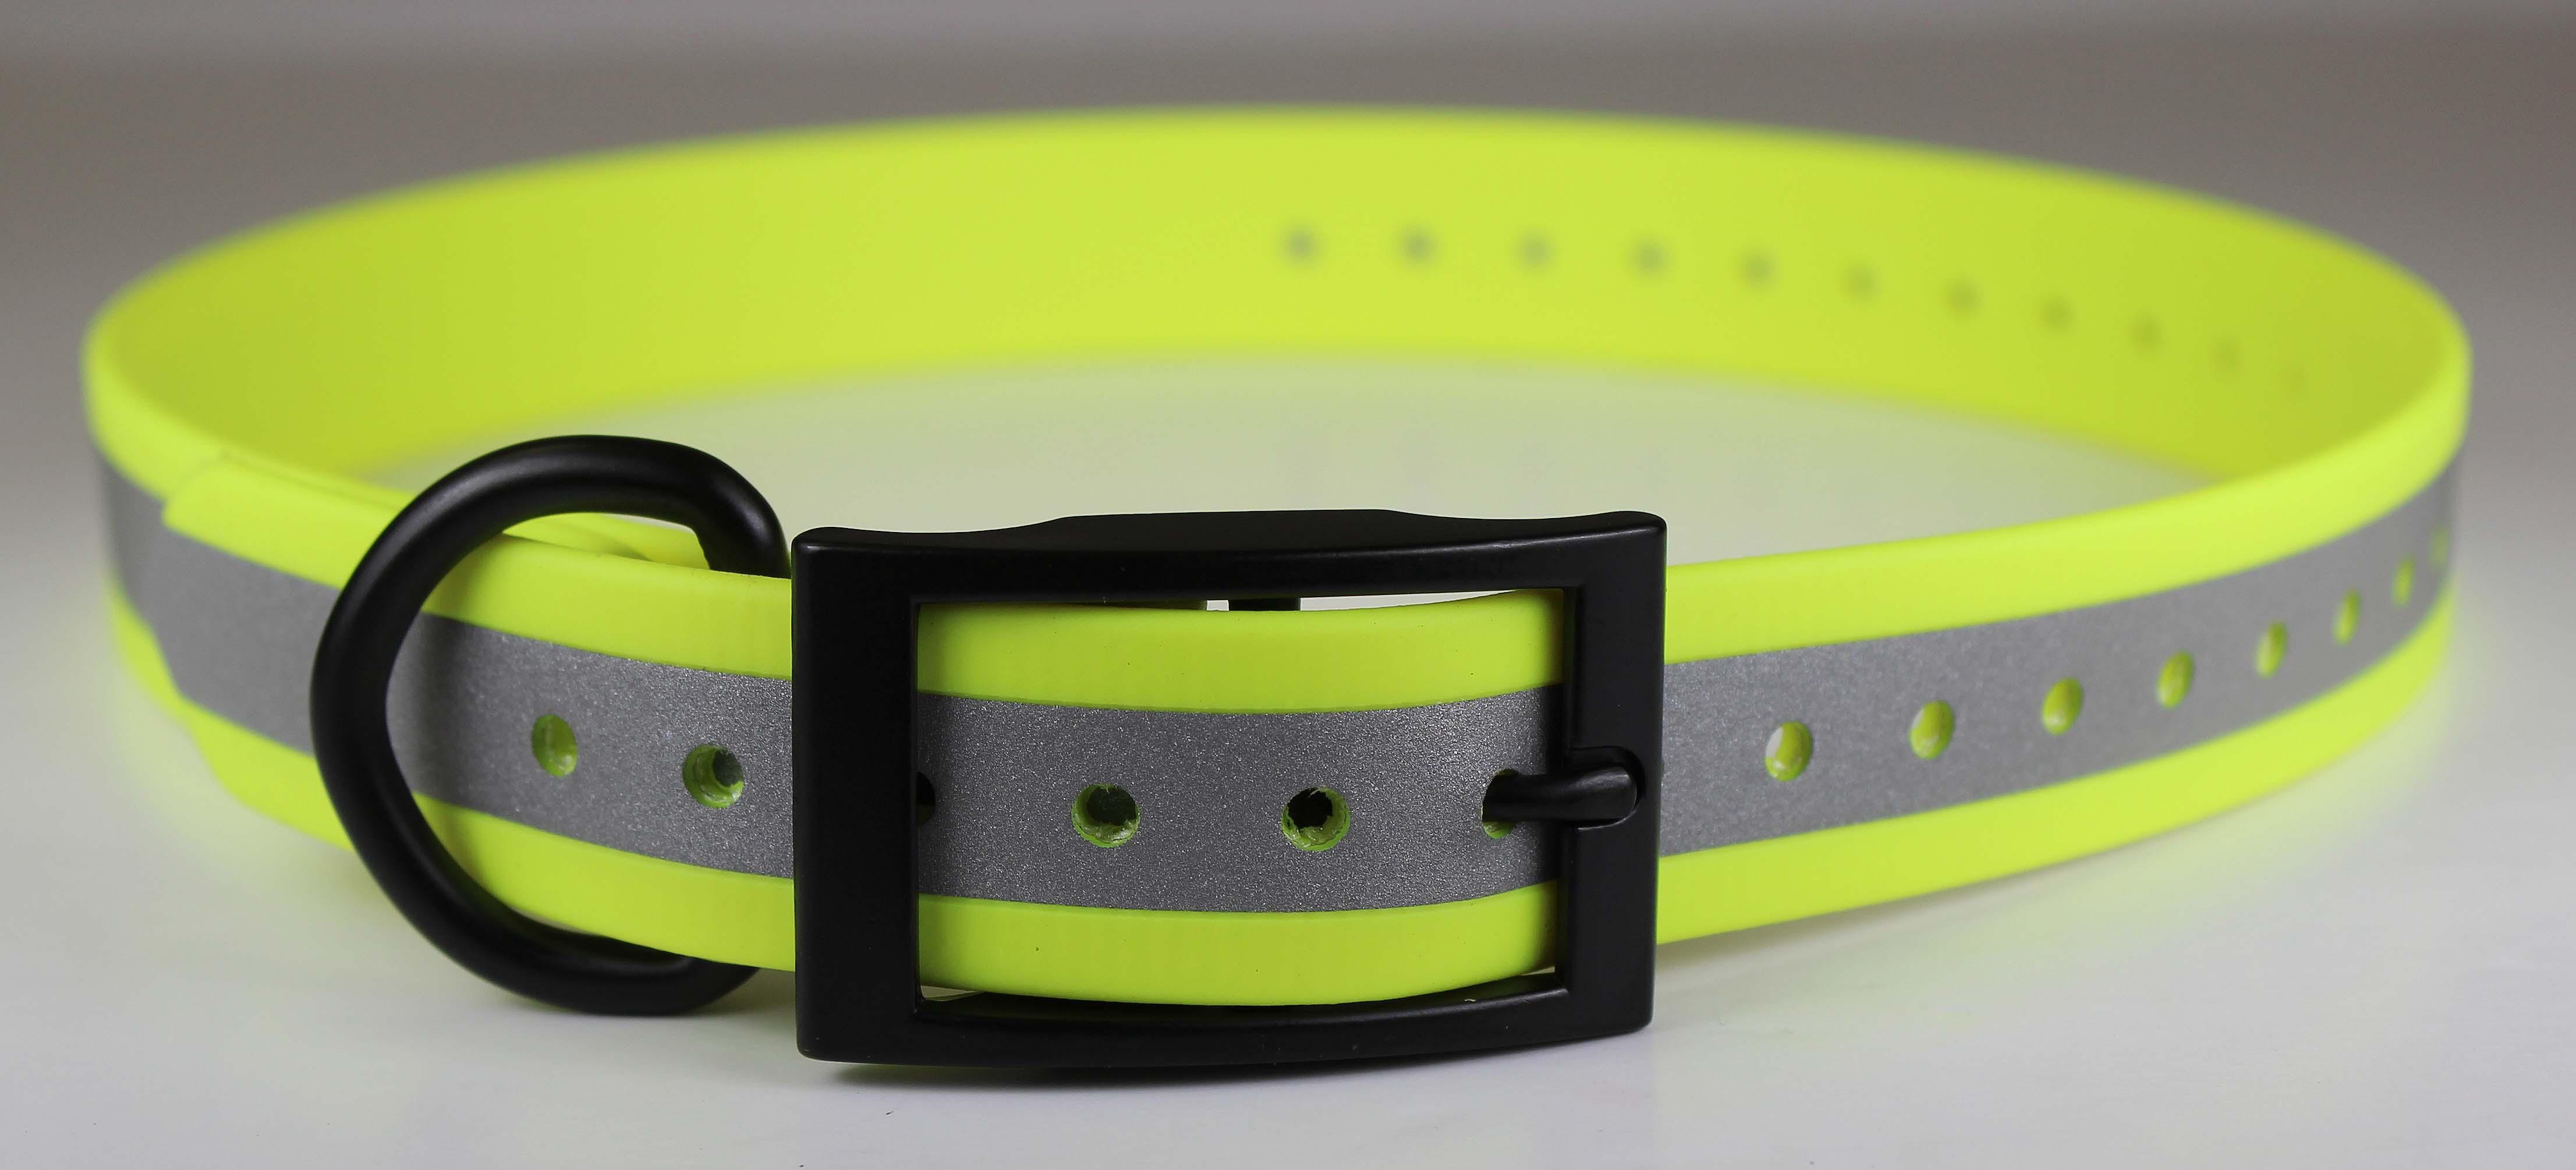 Omnipet Zeta Reflective Dog Collar, Yellow